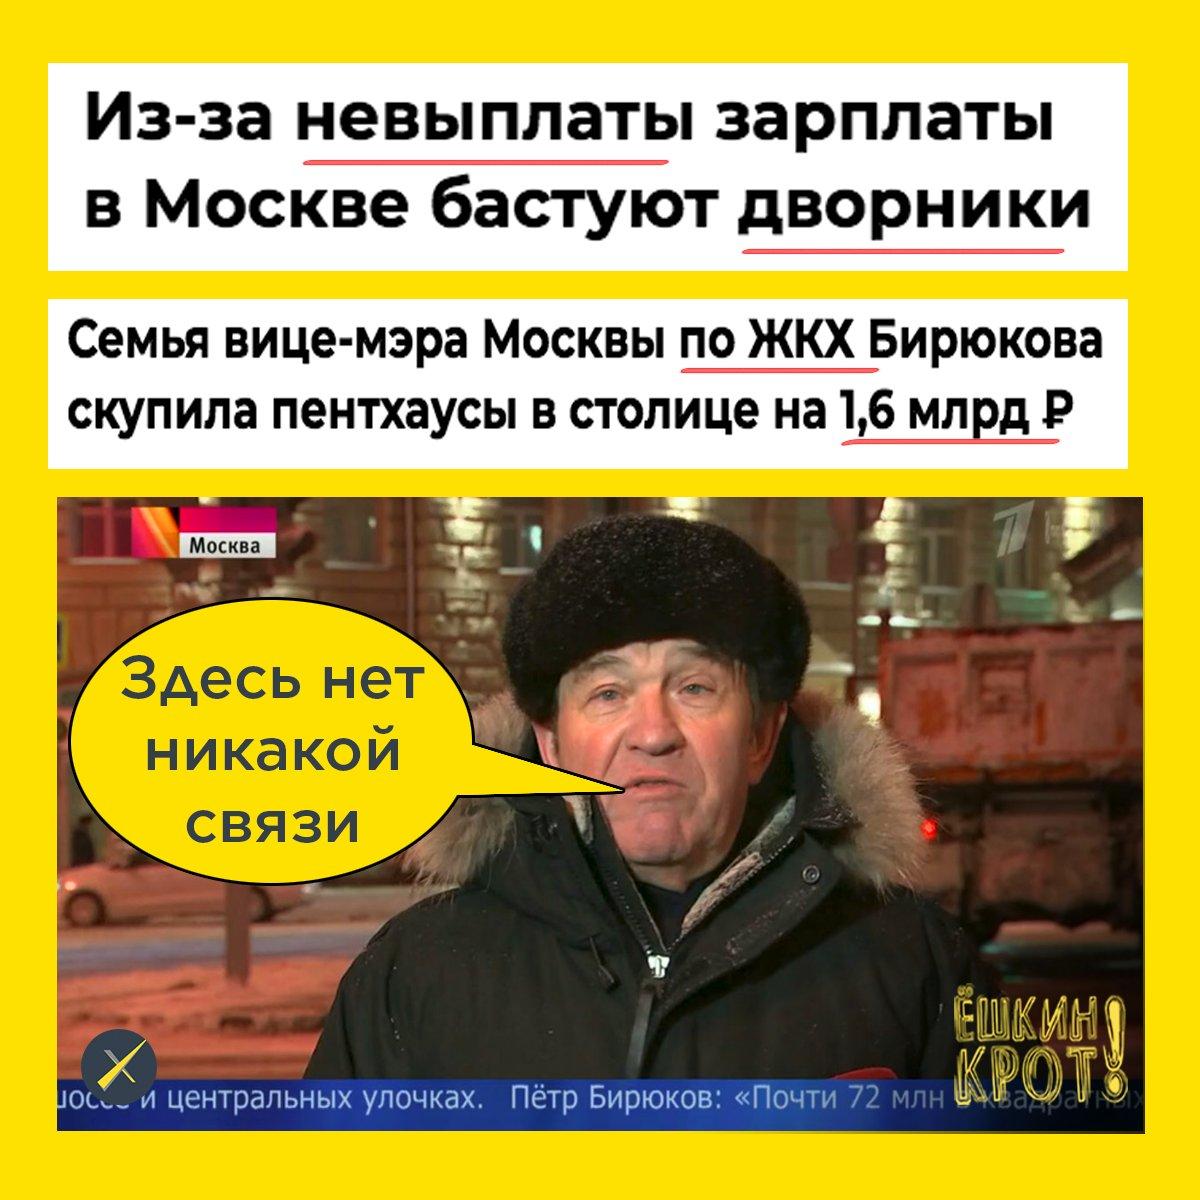 Российские наемники 6 раз обстреливали позиции украинских войск, один военнослужащих ВСУ ранен, - штаб ООС - Цензор.НЕТ 6321